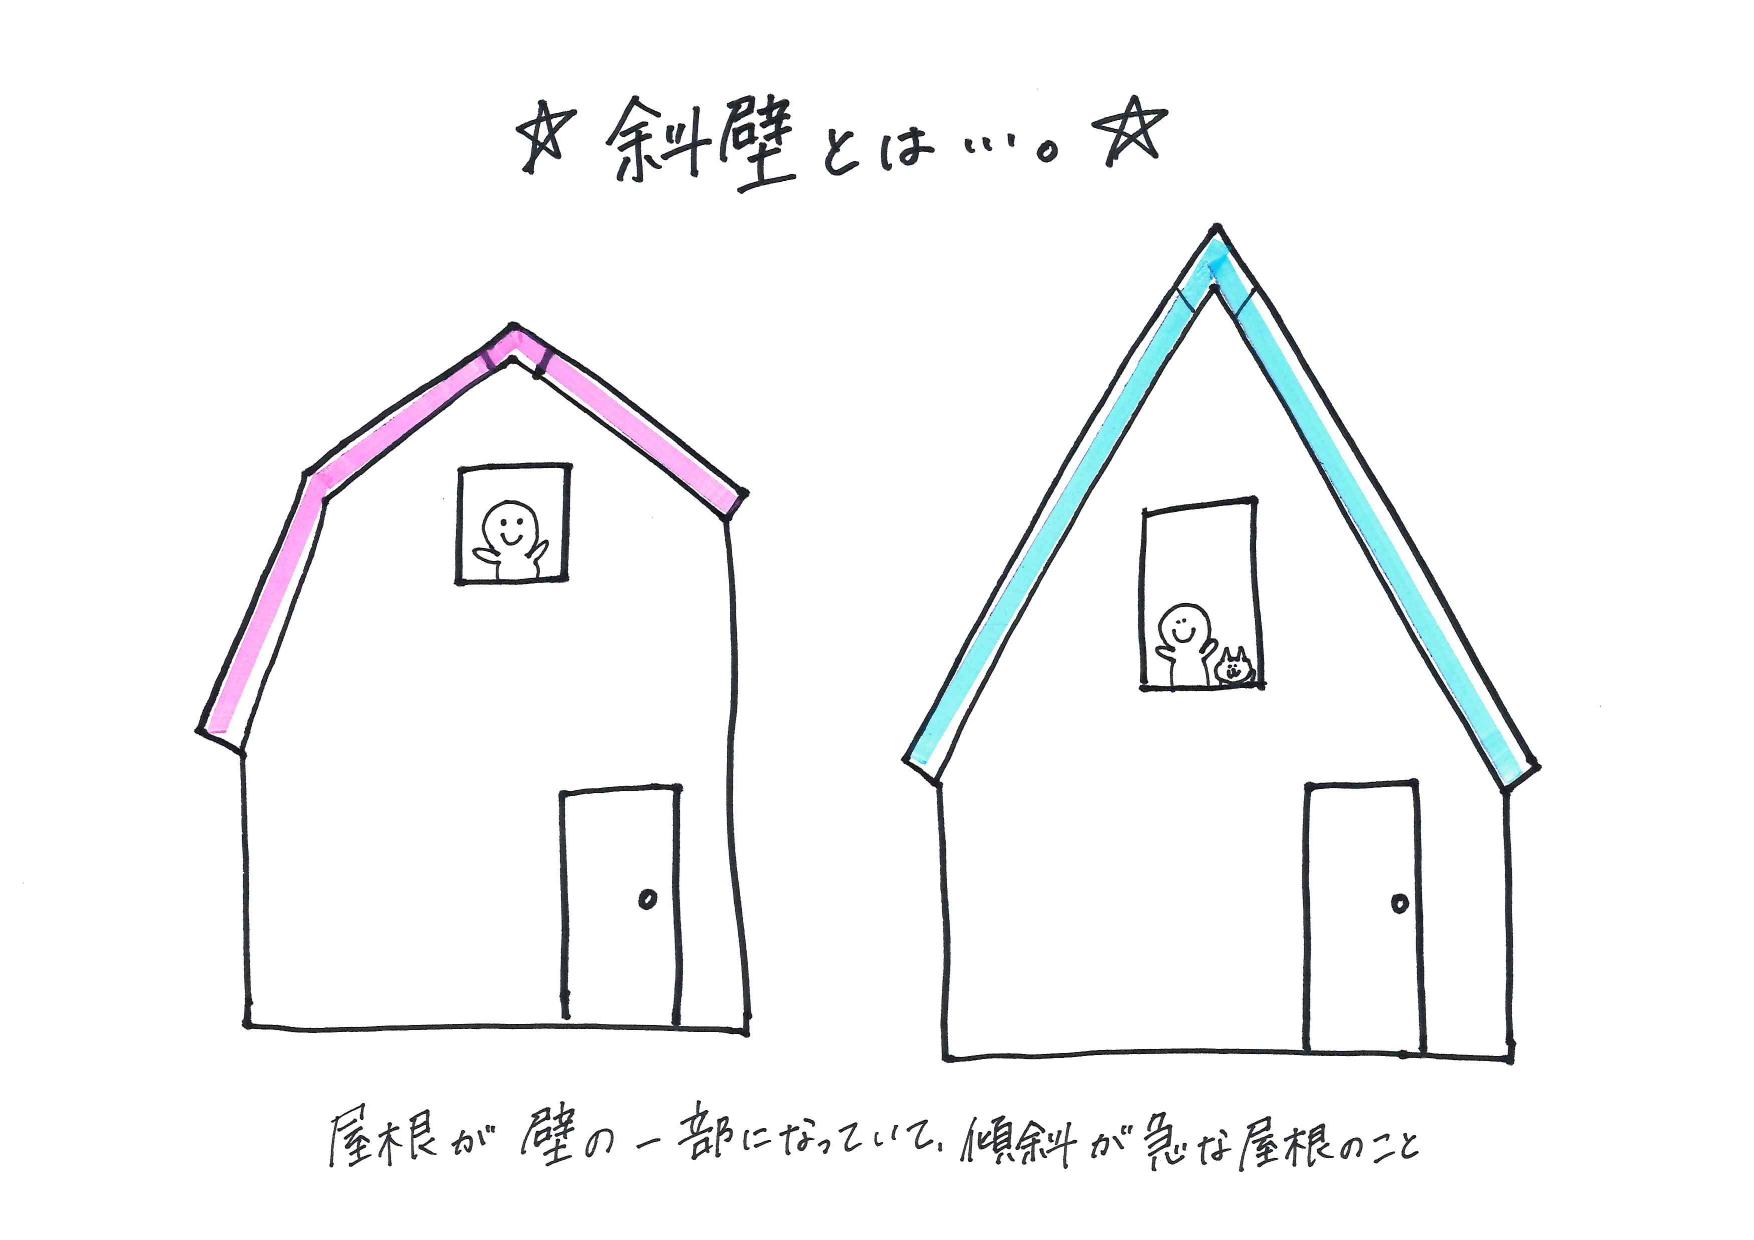 川口市で屋根修繕~急勾配のお家には屋根足場が必須です!!~